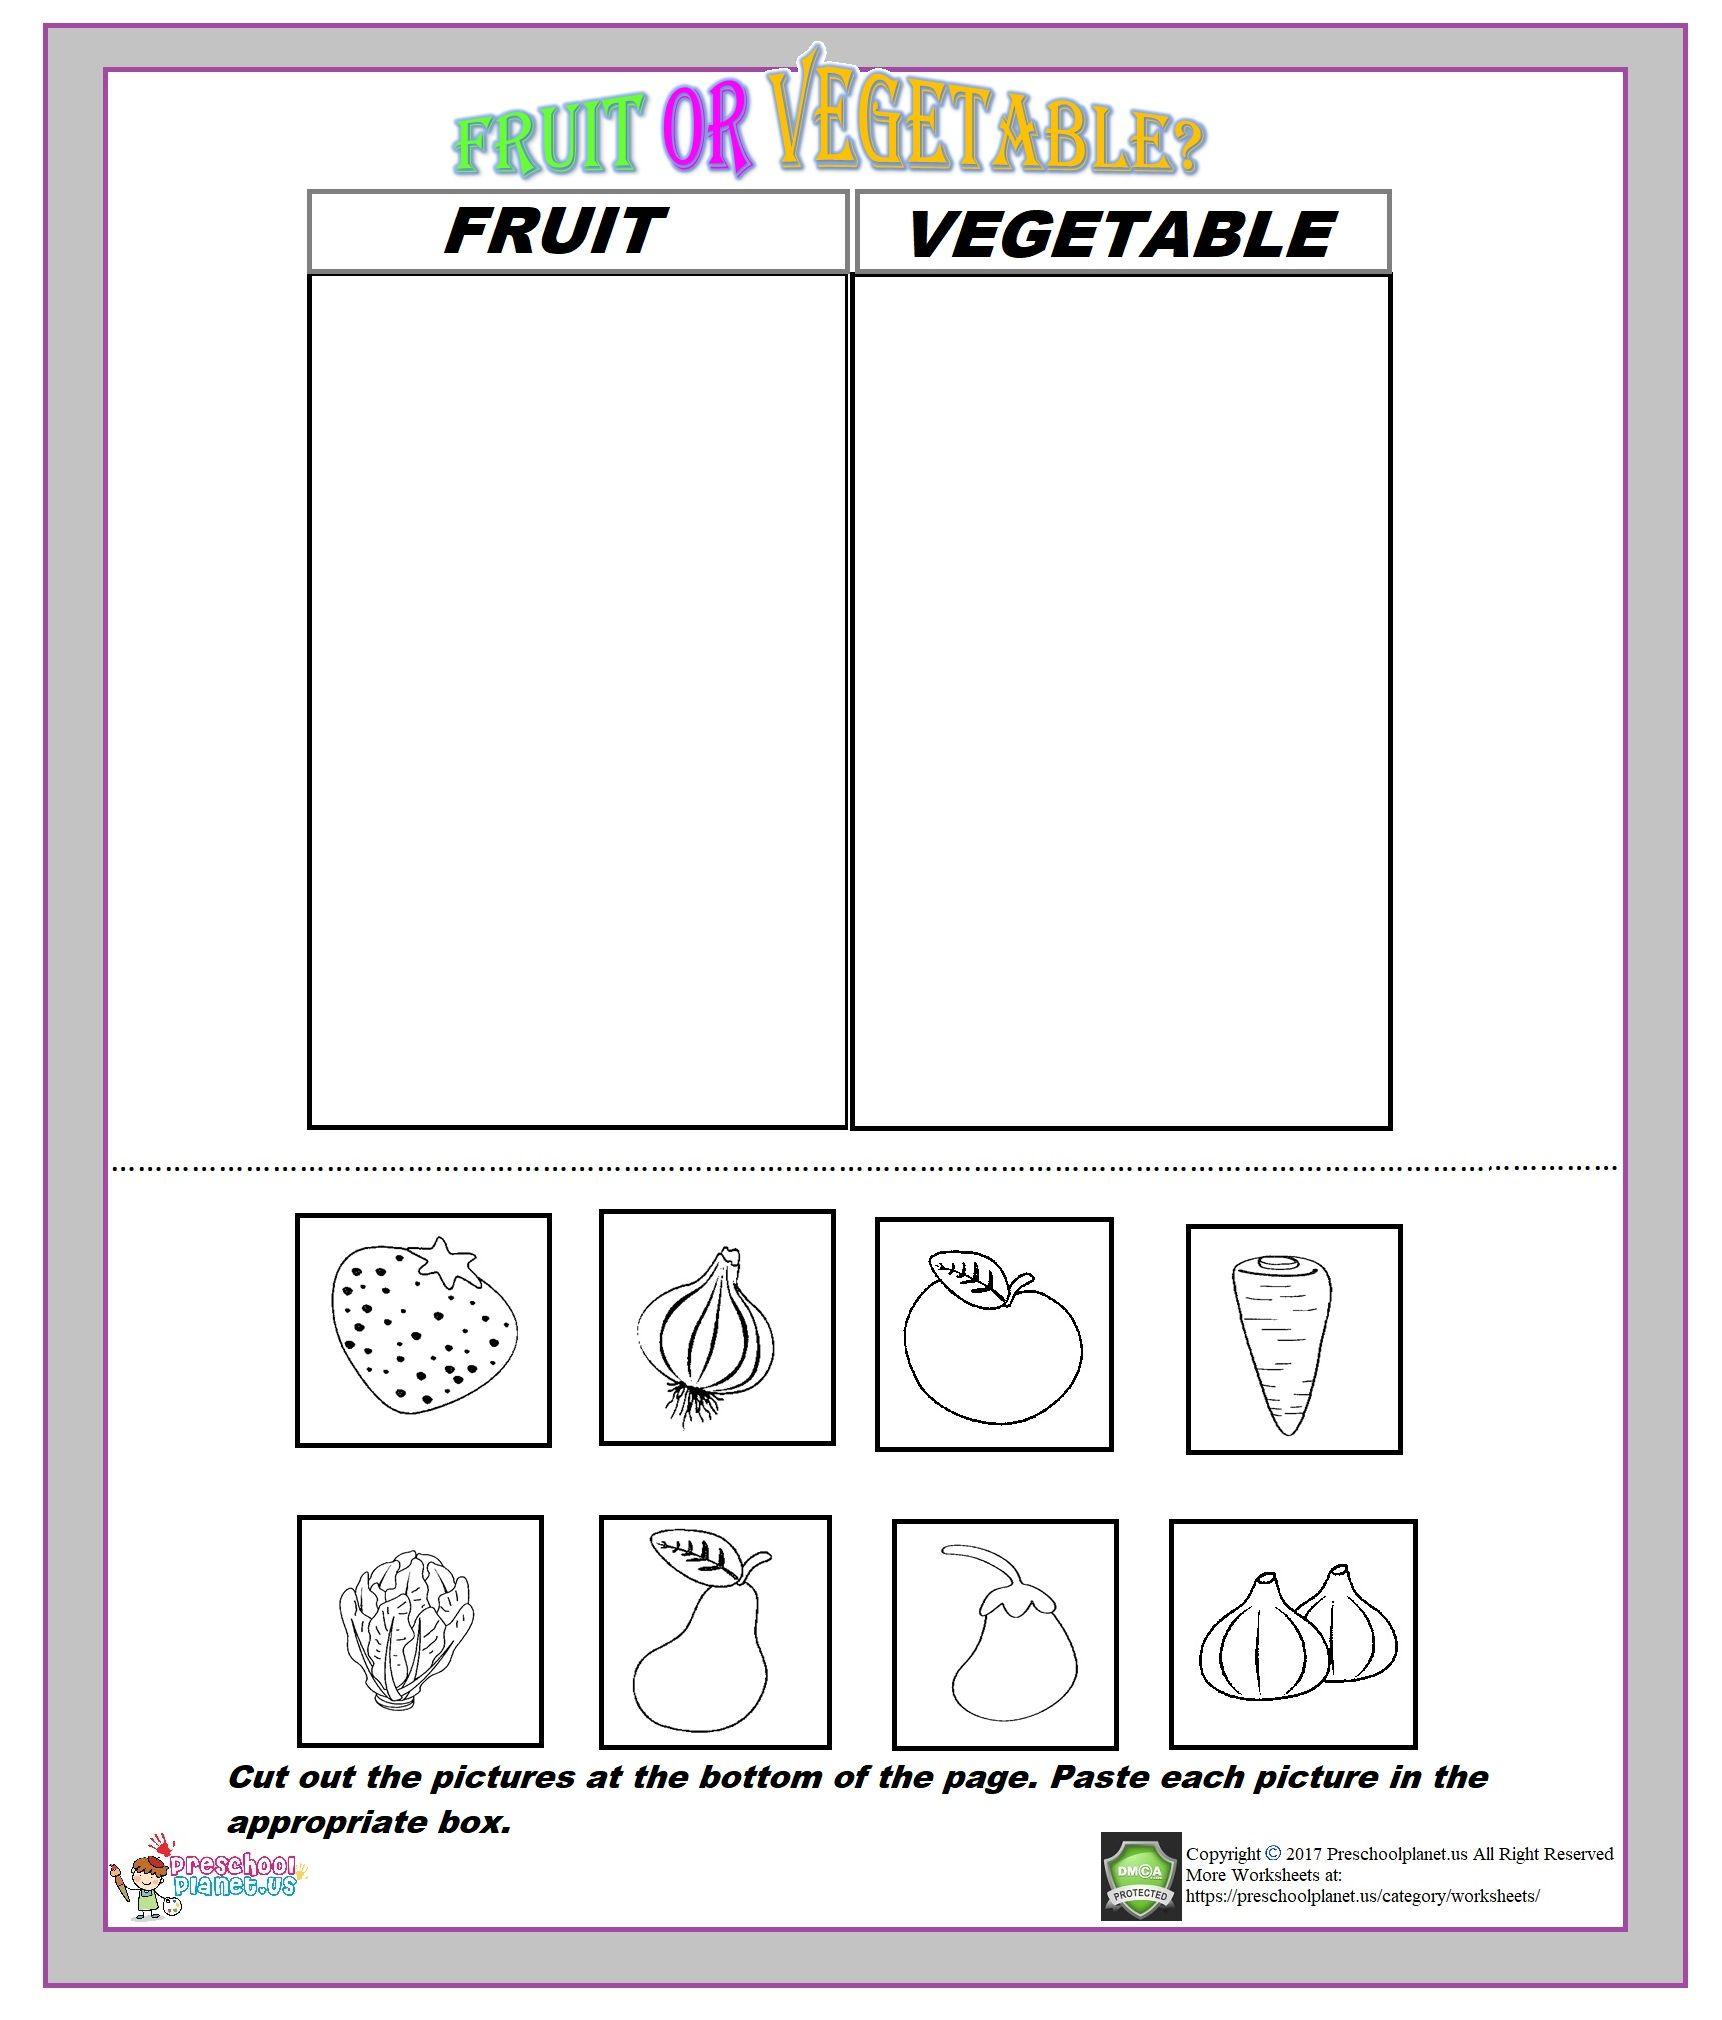 Fruit Or Vegetable Worksheet Worksheets For Kids Kindergarten Worksheets Worksheets